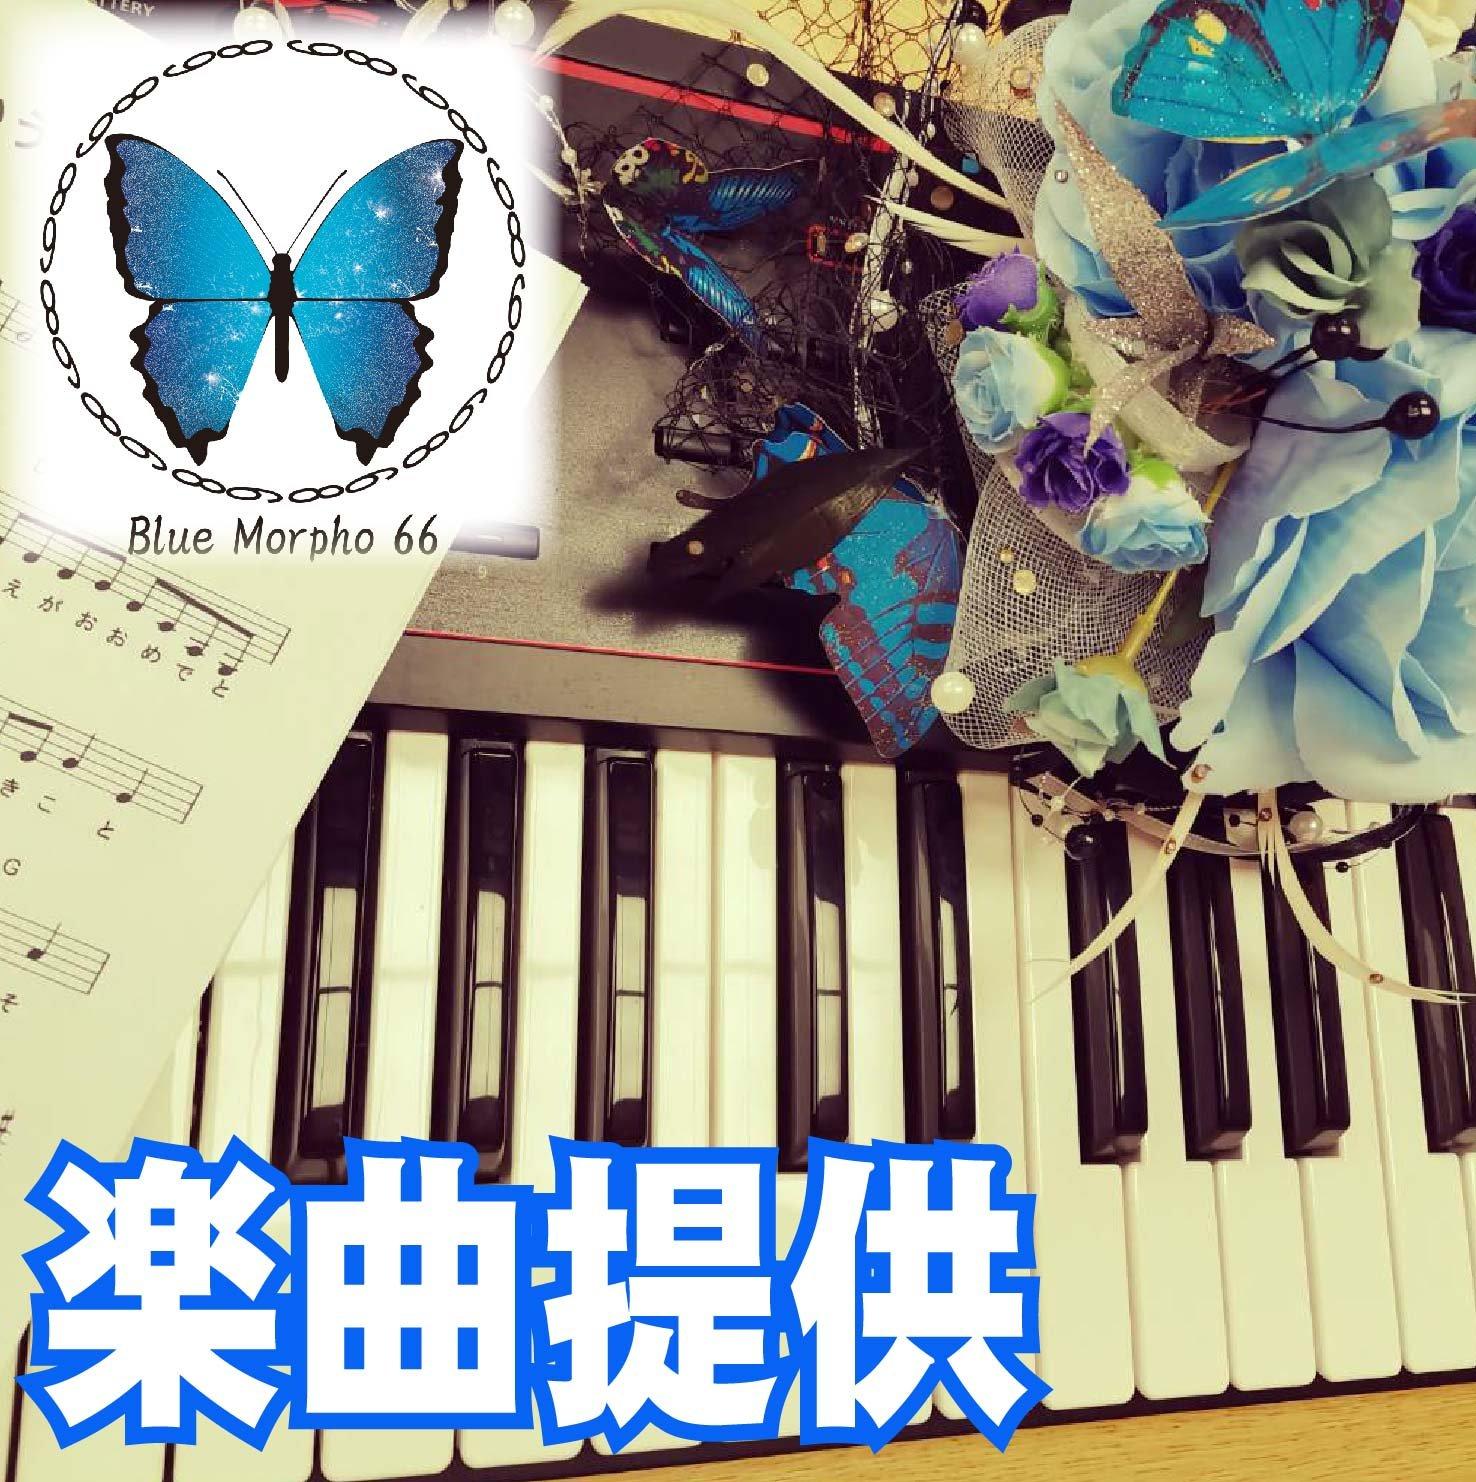 【作曲】あいうえお賛歌 作曲&動画撮影&編集 ハスミチコ様専用チケットのイメージその1